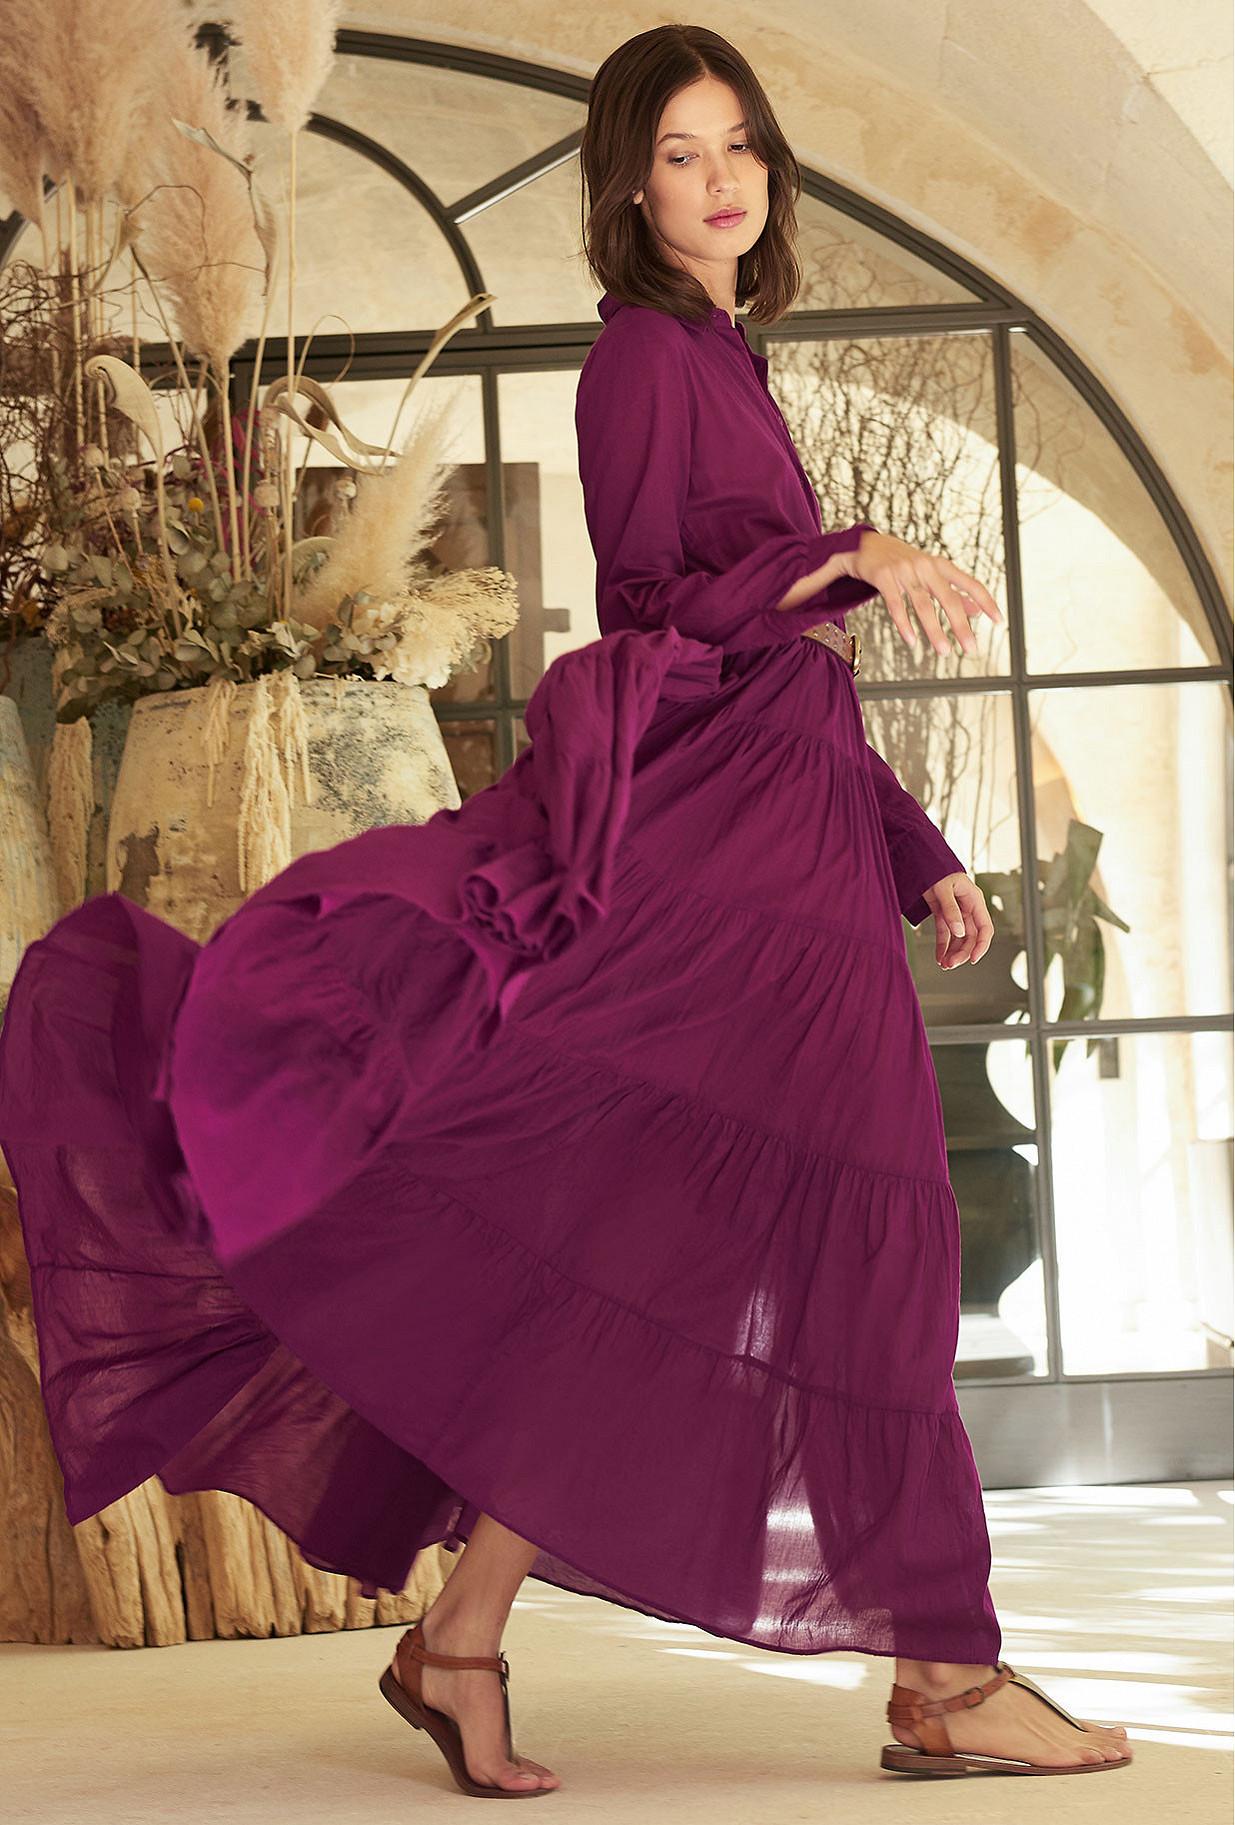 Robe Violet  Calam mes demoiselles paris vêtement femme paris